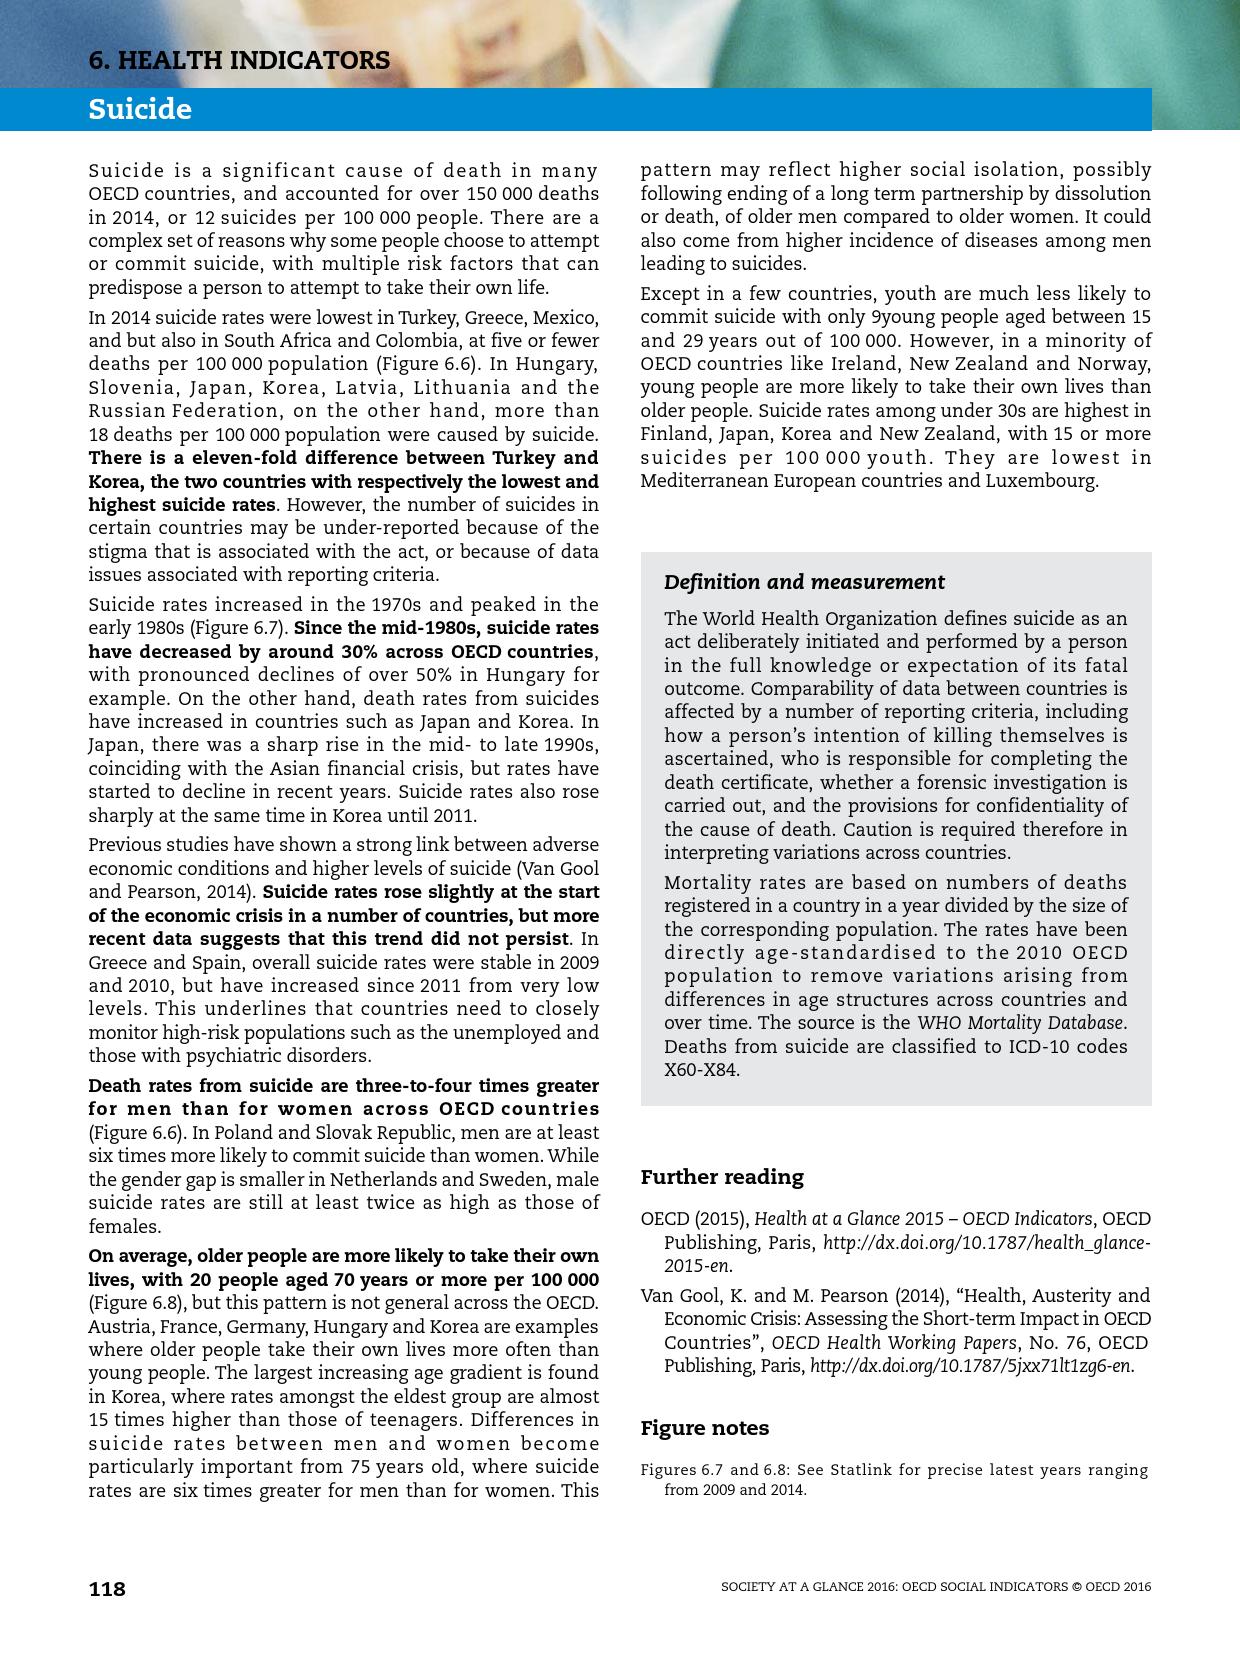 2016年OECD国家社会概览报告_000120